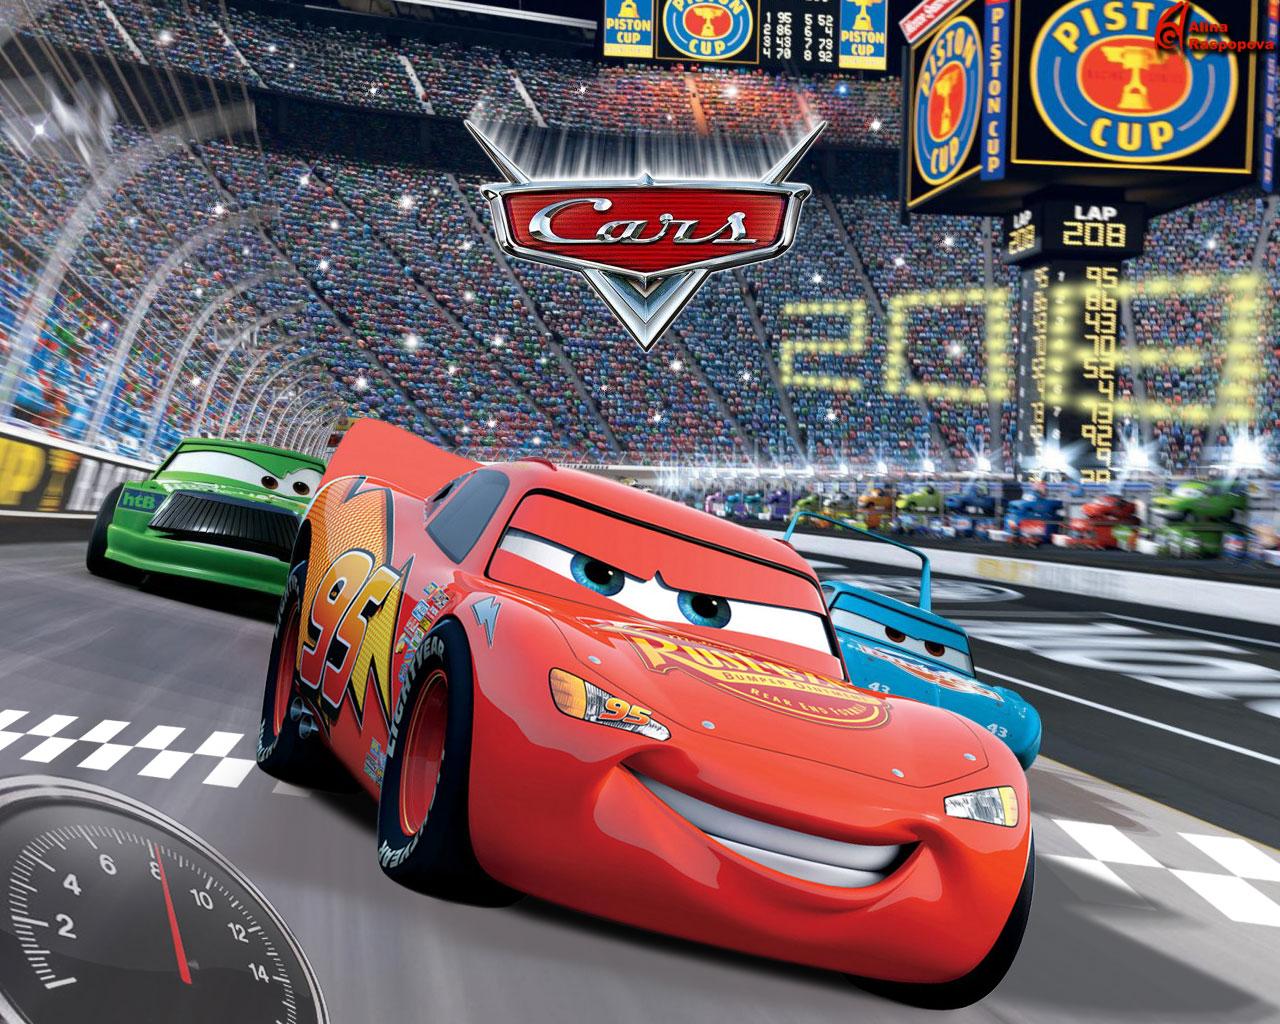 http://4.bp.blogspot.com/-ZqGcdda4qH4/TZ3BCfo4VdI/AAAAAAAAADE/ZK8L4dKbSUI/s1600/cars_3.jpg